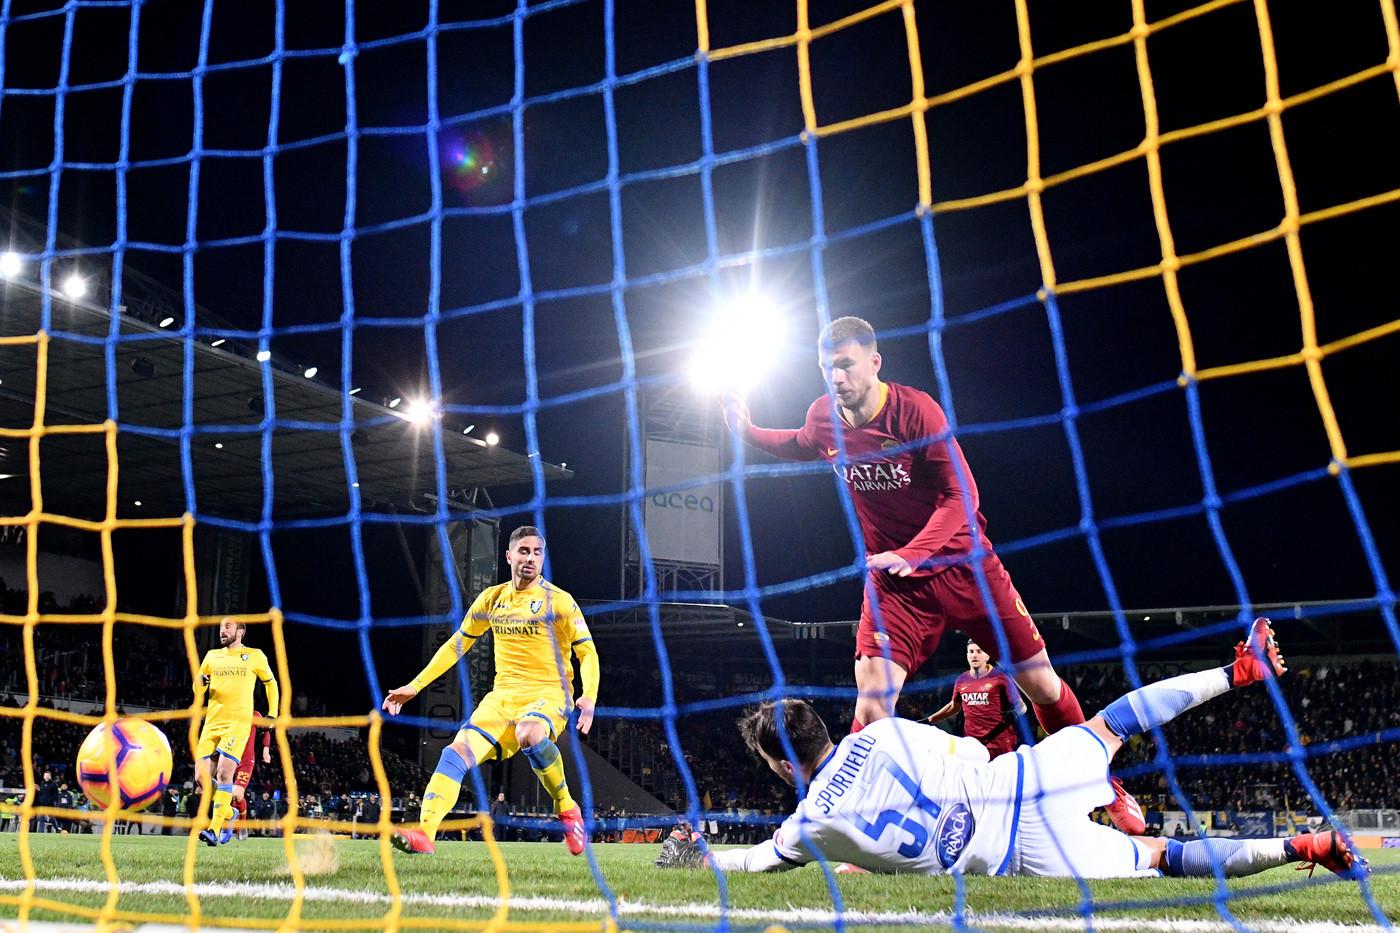 Serie A, Frosinone-Roma 2-3; il fotoracconto